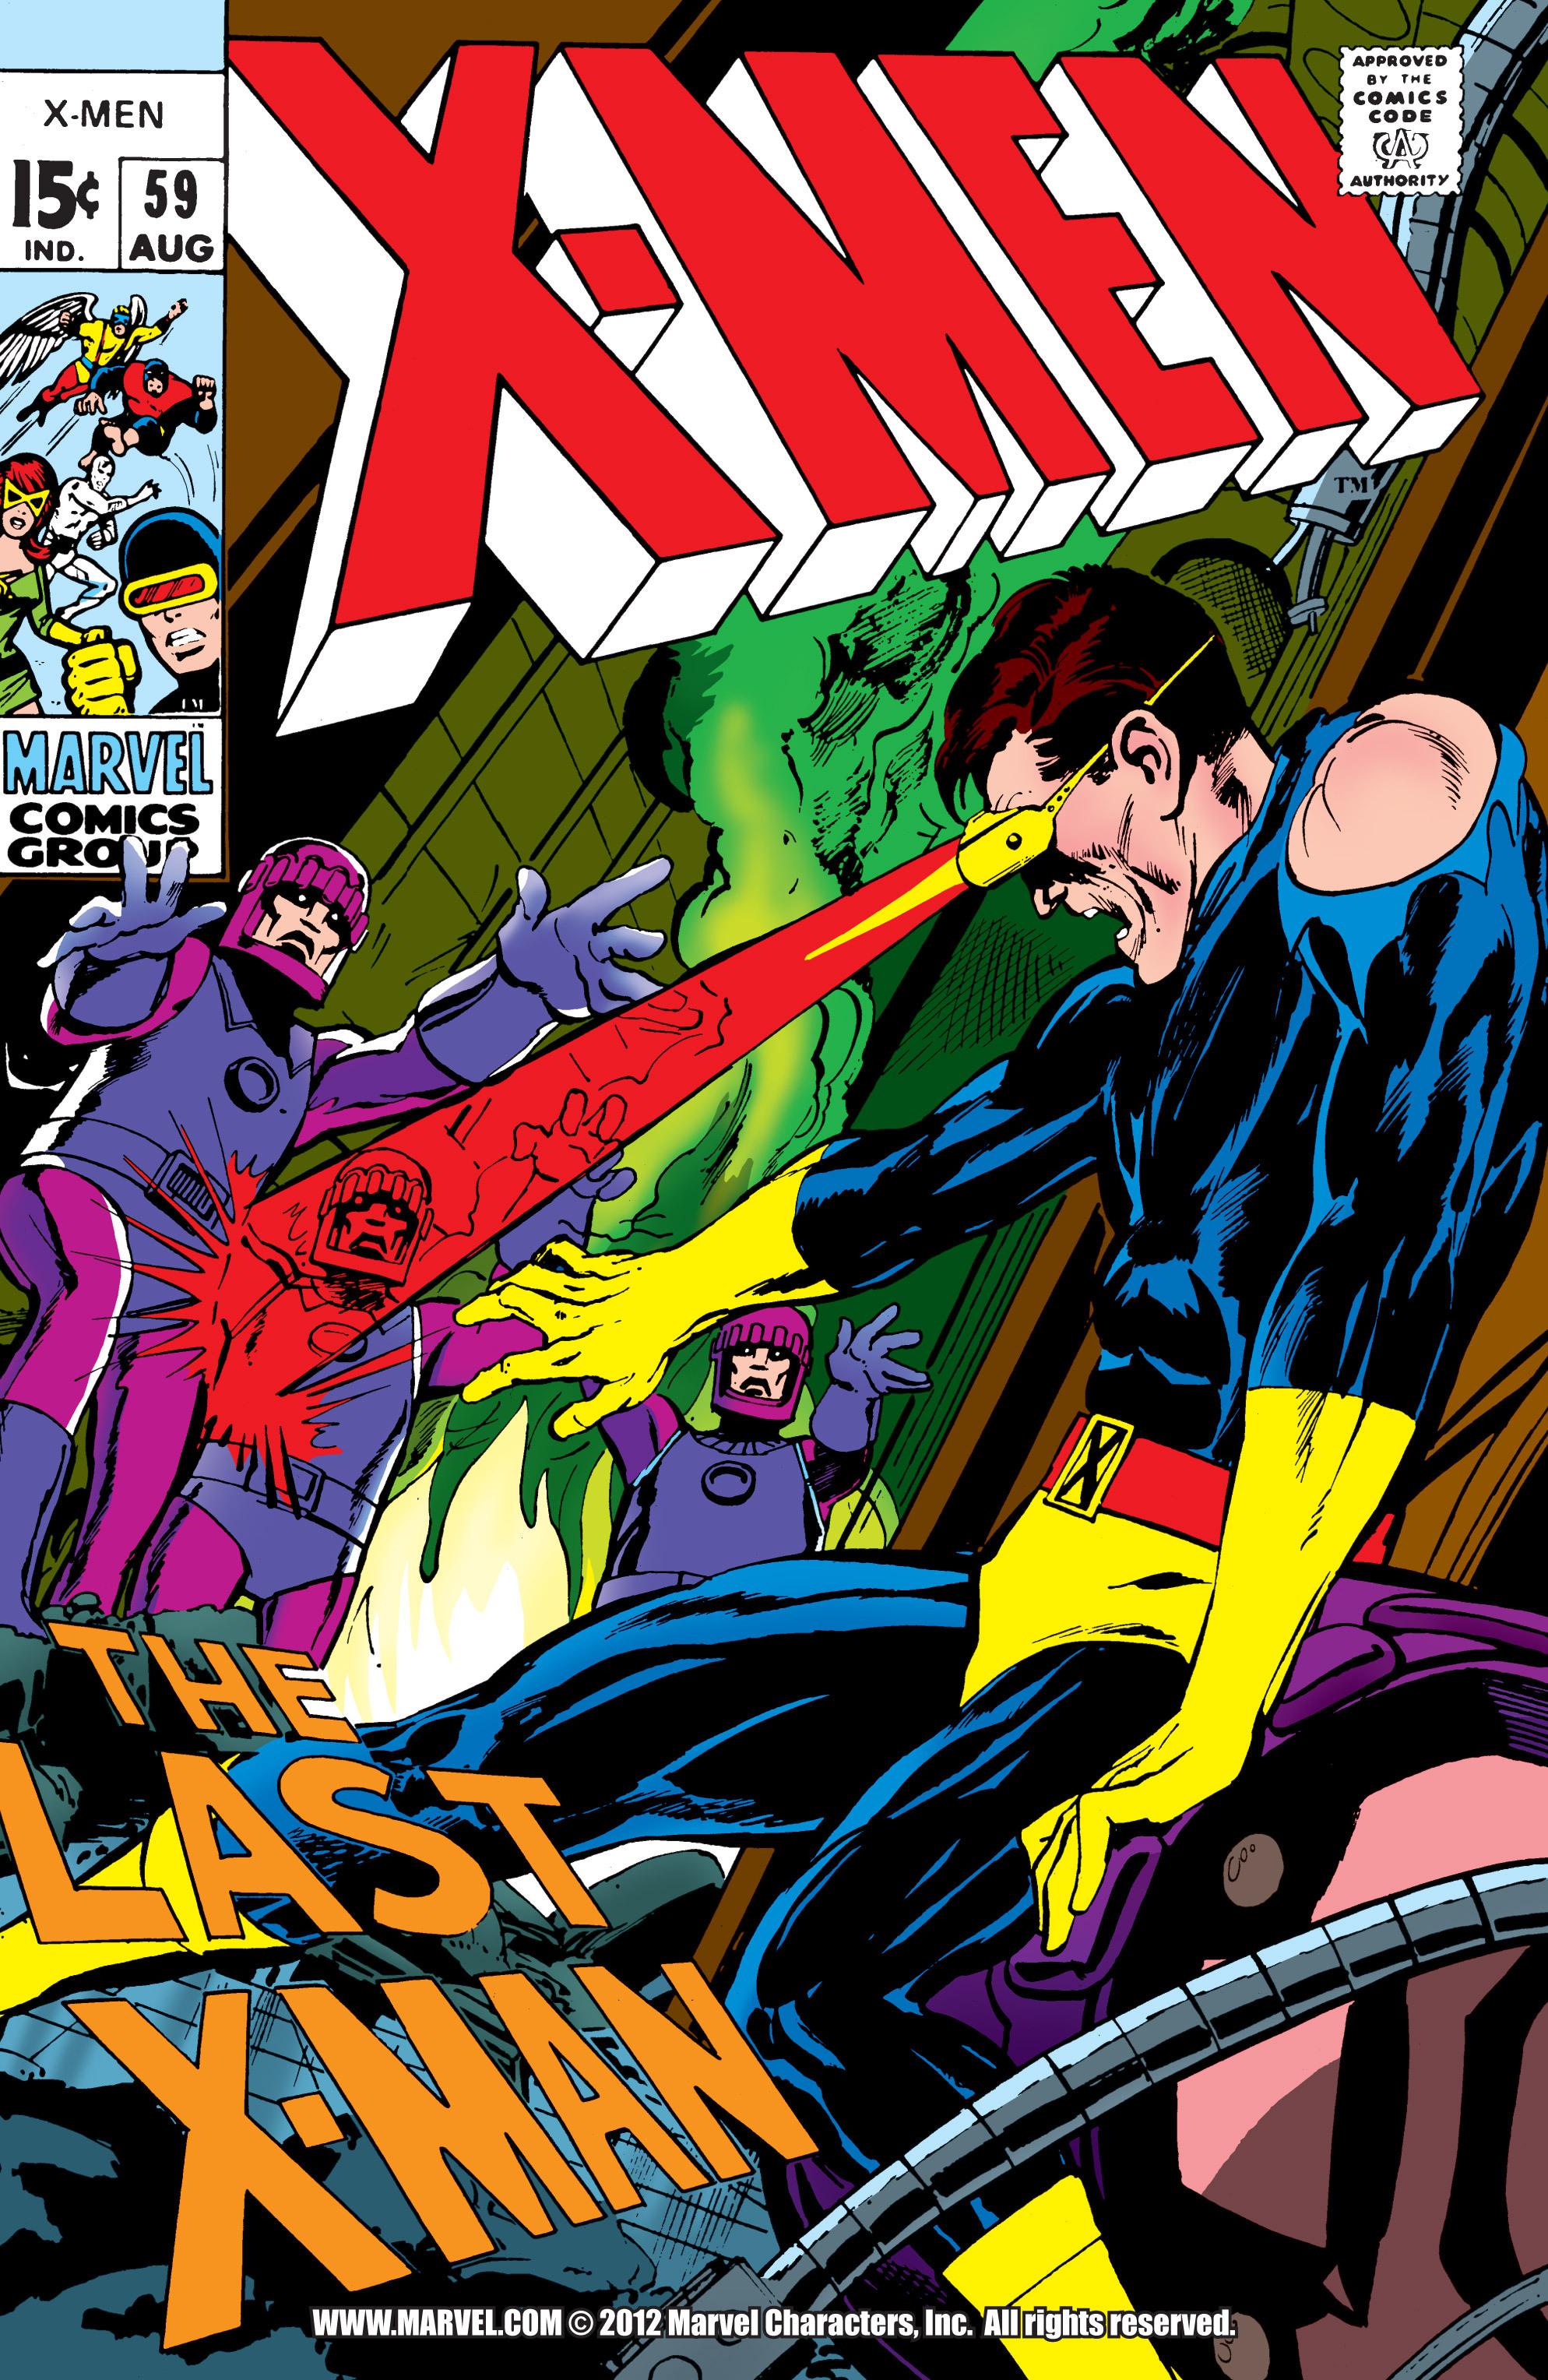 Uncanny X-Men (1963) 59 Page 1